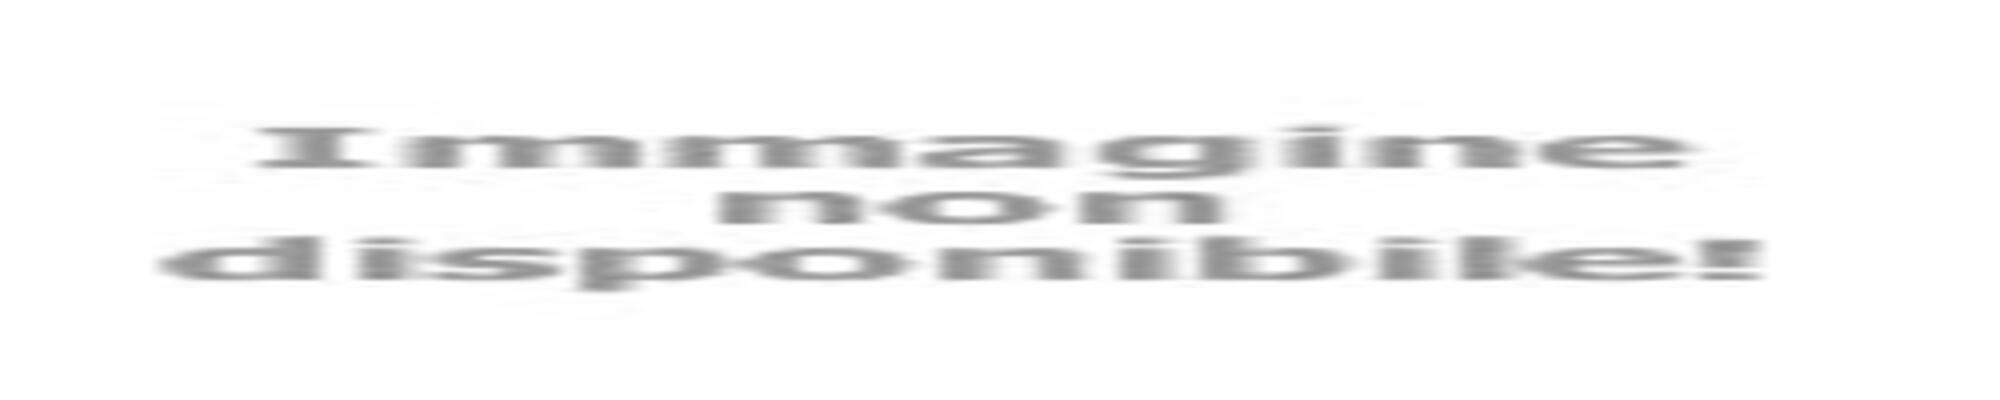 Angebot zum Spartan Race: Camping nahe des Rennstarts in Cesenatico